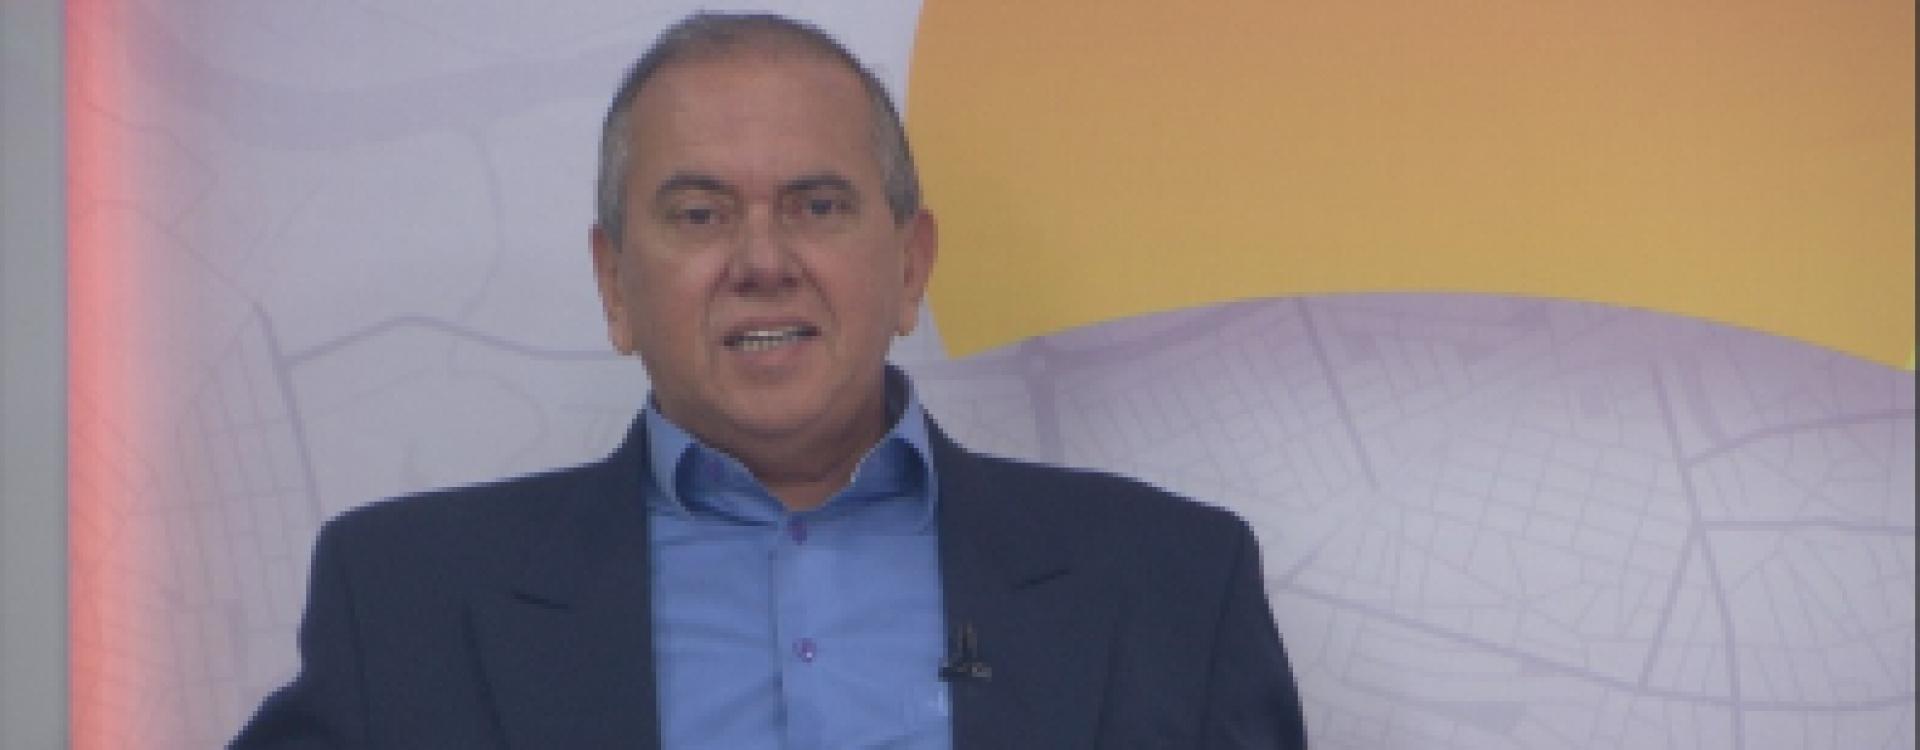 PC afasta secretário e bloqueia R$ 553 mil por fraude em contrato de semáforos